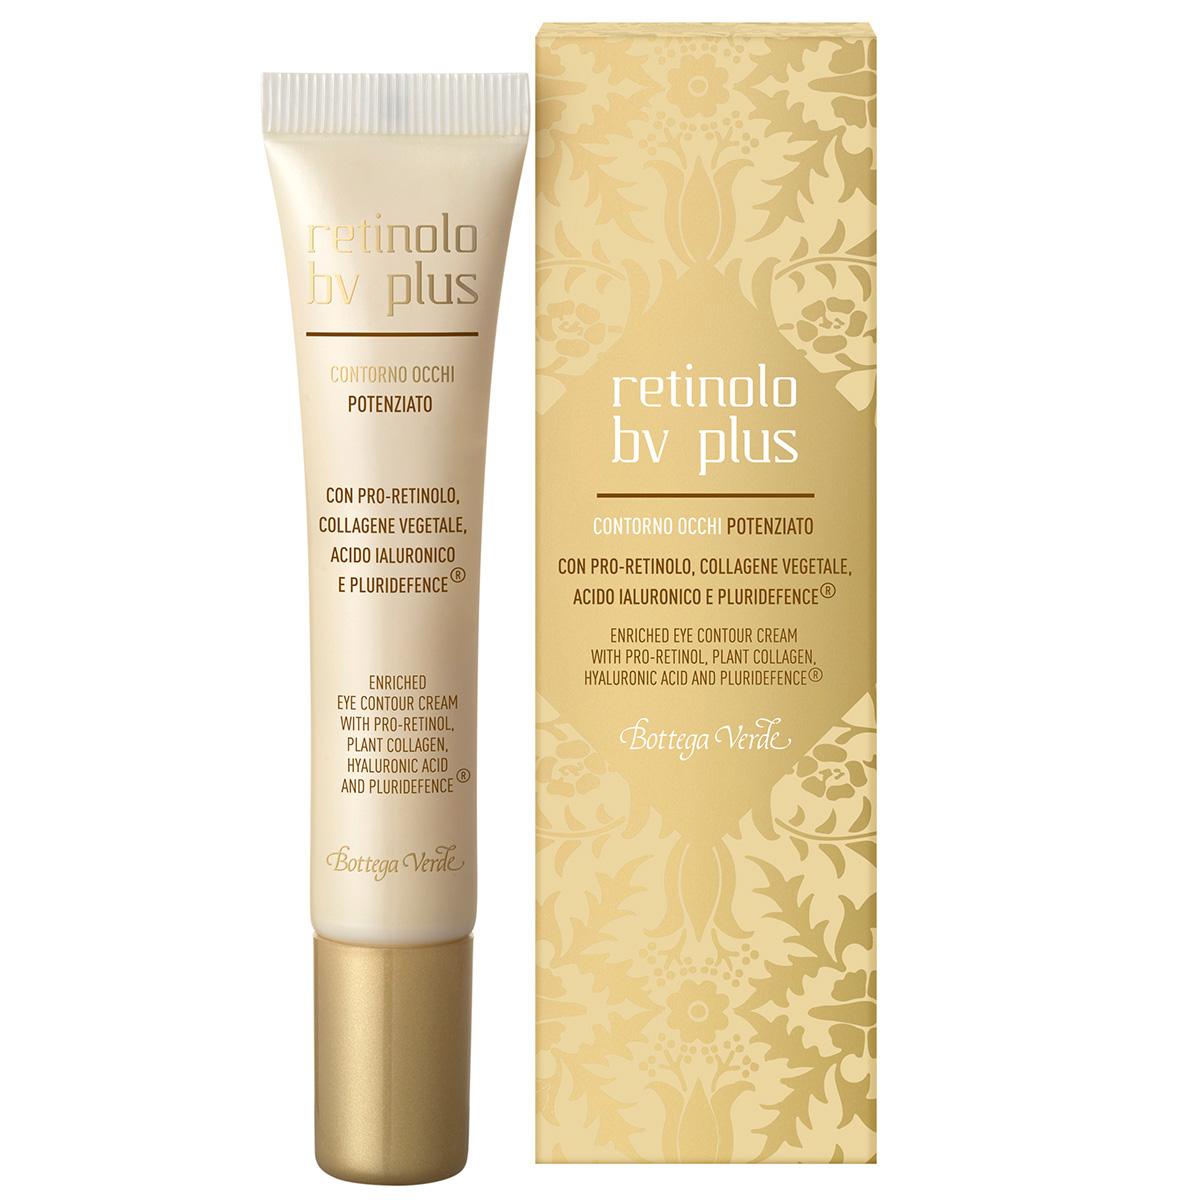 Retinolo Bv Plus - Crema pentru zona din jurul ochilor cu Pro-Retinol, Colagen vegetal, acid hialuronic si Pluridefence®